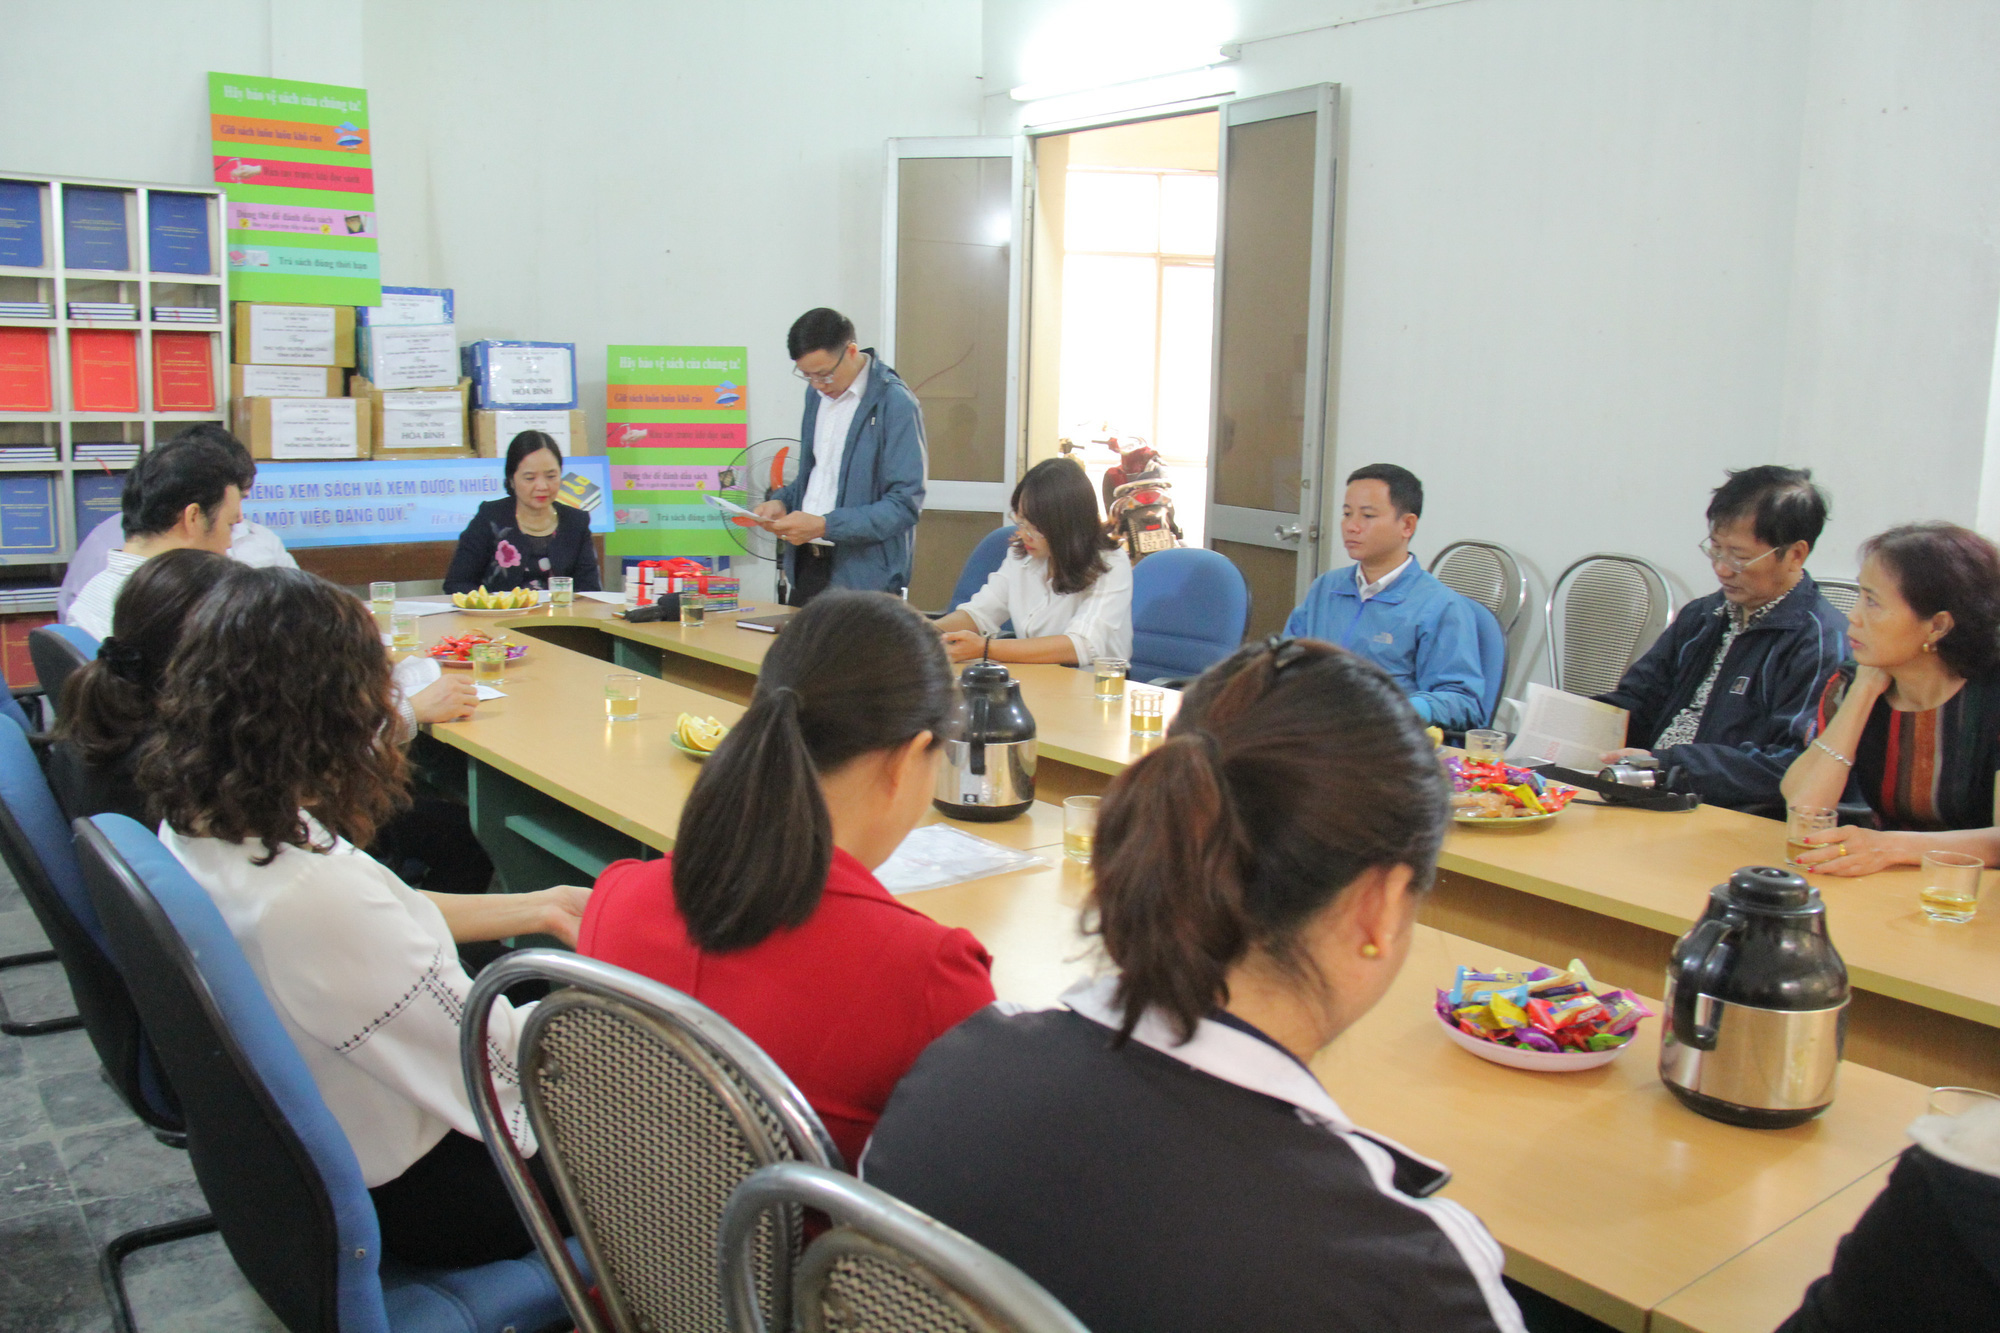 Trao tặng hơn 4.000 đầu sách cho các thư viện, trường học tỉnh Hòa Bình - Ảnh 1.